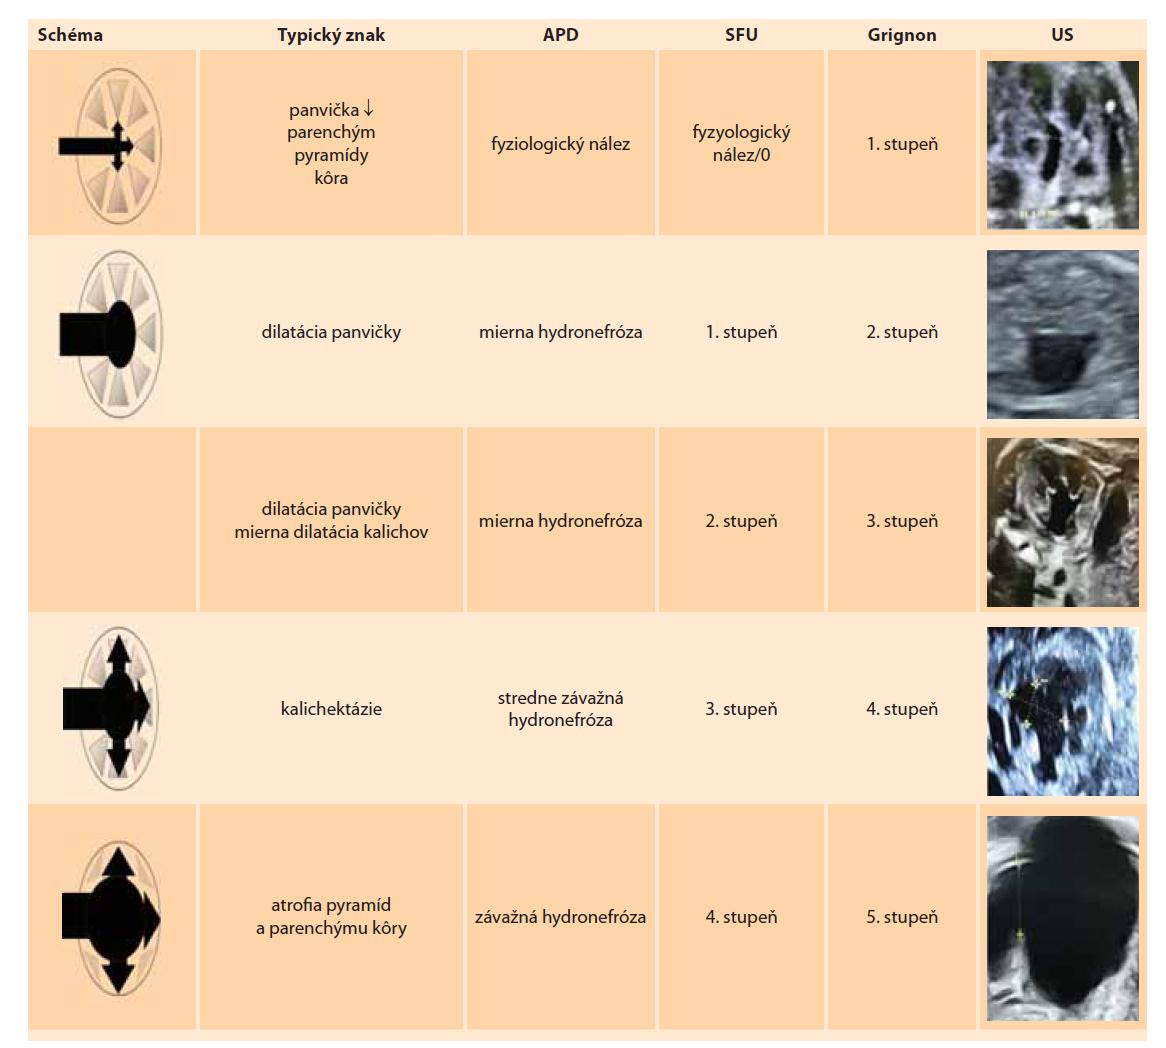 Schéma 1. Schematické znázornenie stupňov jednotlivých klasifikácií antenatálnej hydronefrózy spolu so zodpovedajúcim ultrasonografickým obrazom (schéma autori).<br> APD – antero-posterior diameter, SFU – Spoločnost pre fetalnu urologiu, US – ultrasonografia<br> Scheme 1. Schematic representation of the degrees of individual classifications of antenatal hydronephrosis together with the corresponding ultrasonographic image (diagram by the authors).